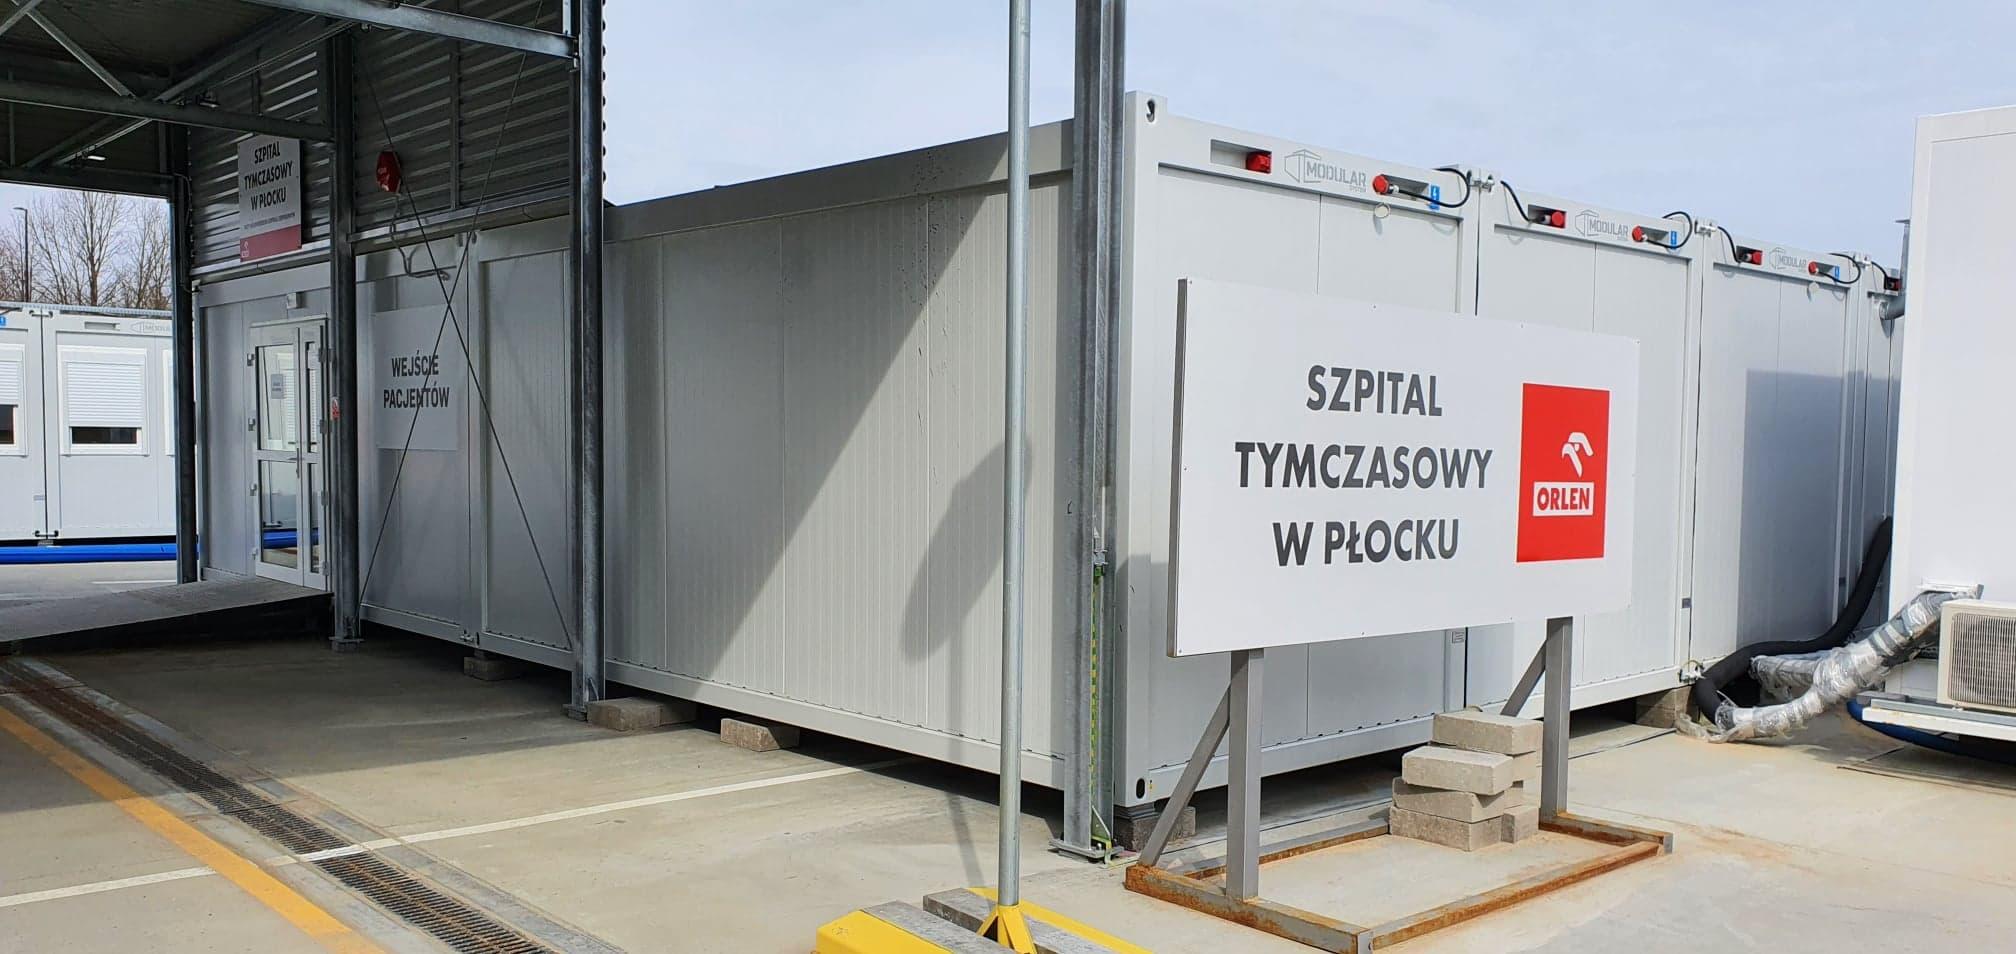 Płocki szpital tymczasowy przechodzi w stan pasywny - Zdjęcie główne